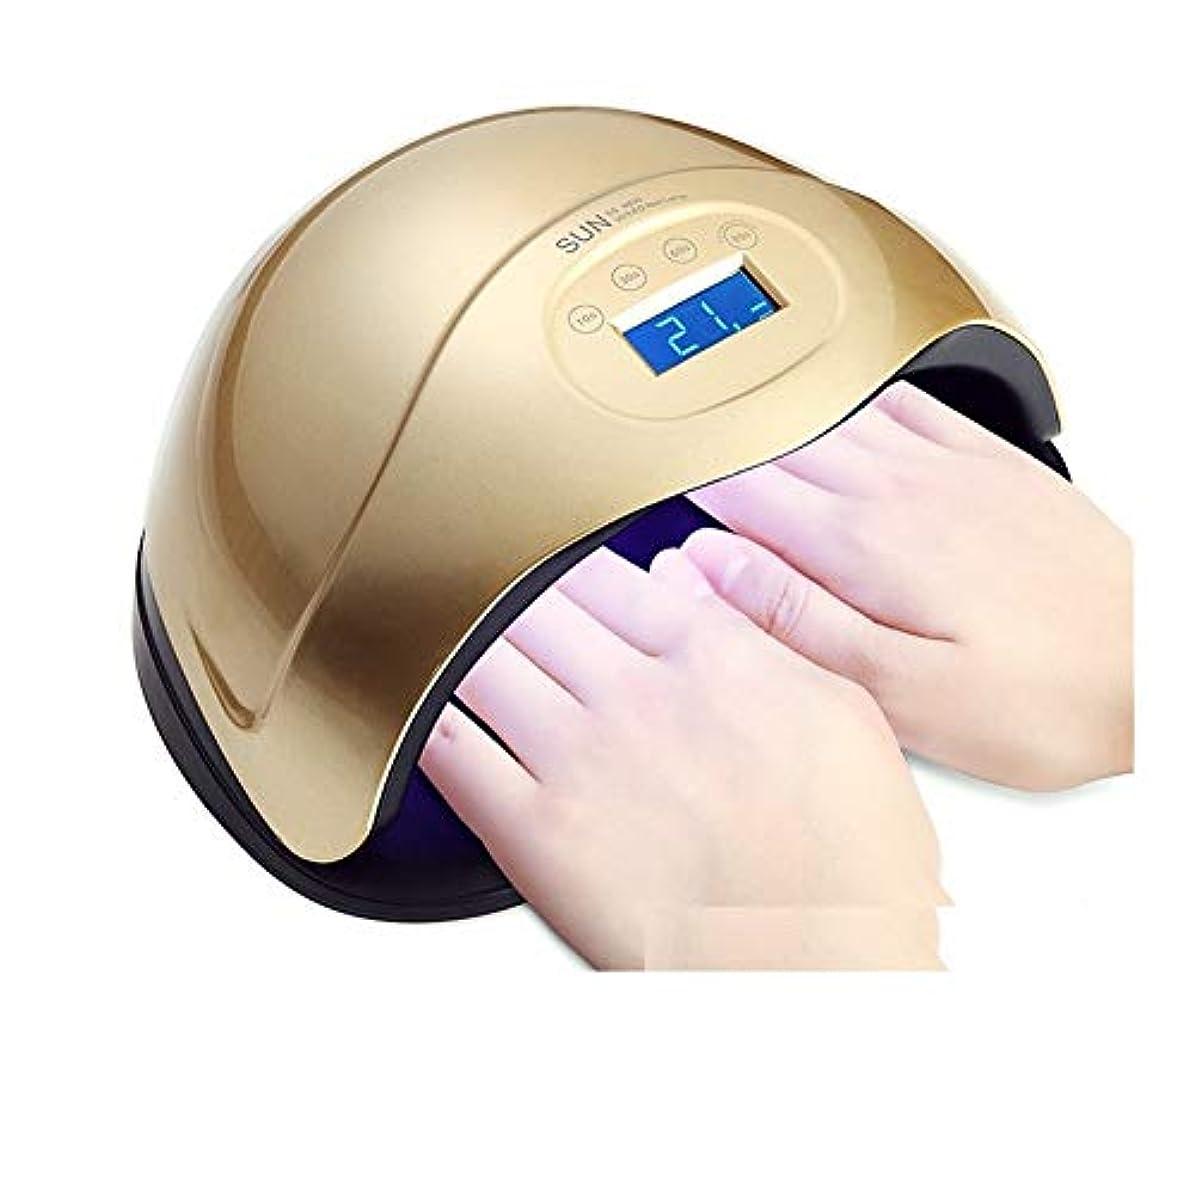 ガレージ地味なスワップLittleCat 48ワットネイルUVランプネイルネイル工作機械ハンズライト光線療法 (色 : 48W pink)